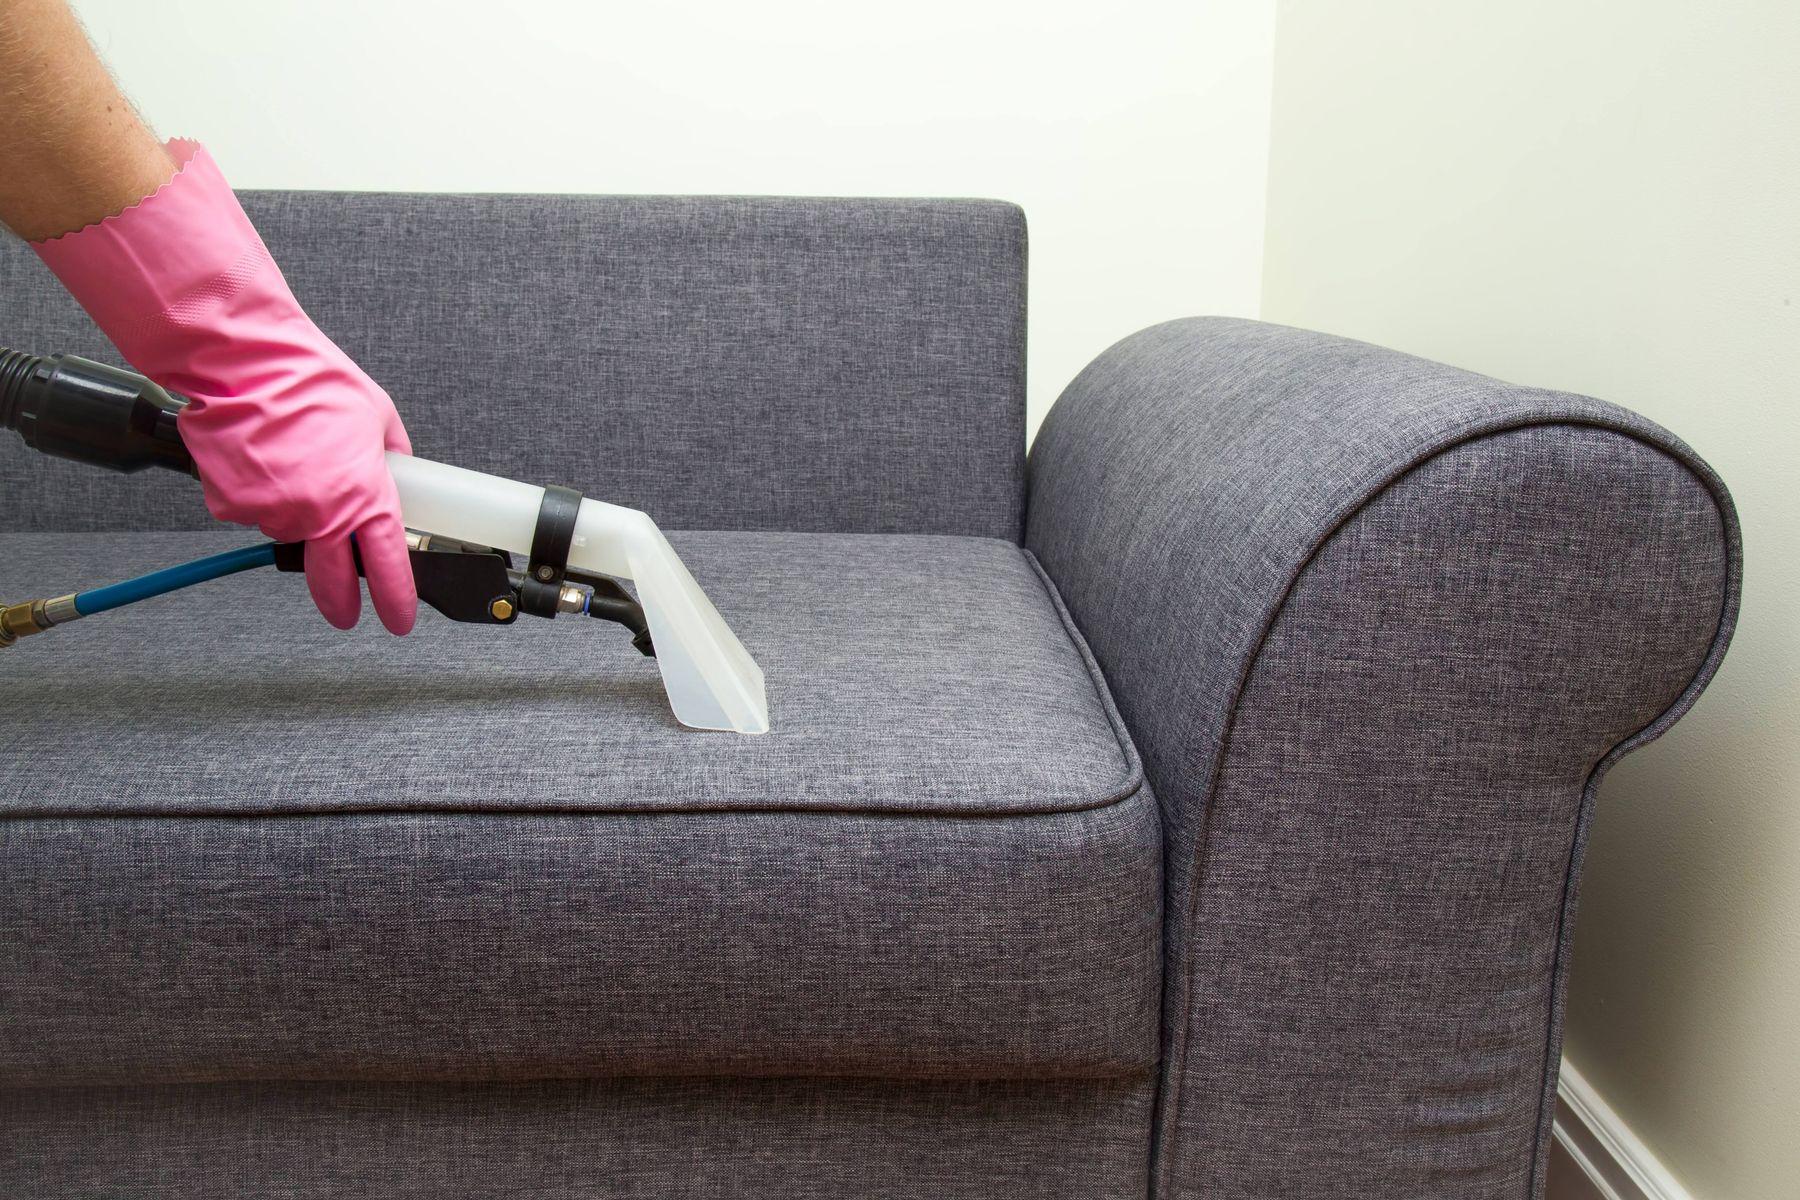 Sử dụng máy giặt ghế sofa để vệ sinh ghế